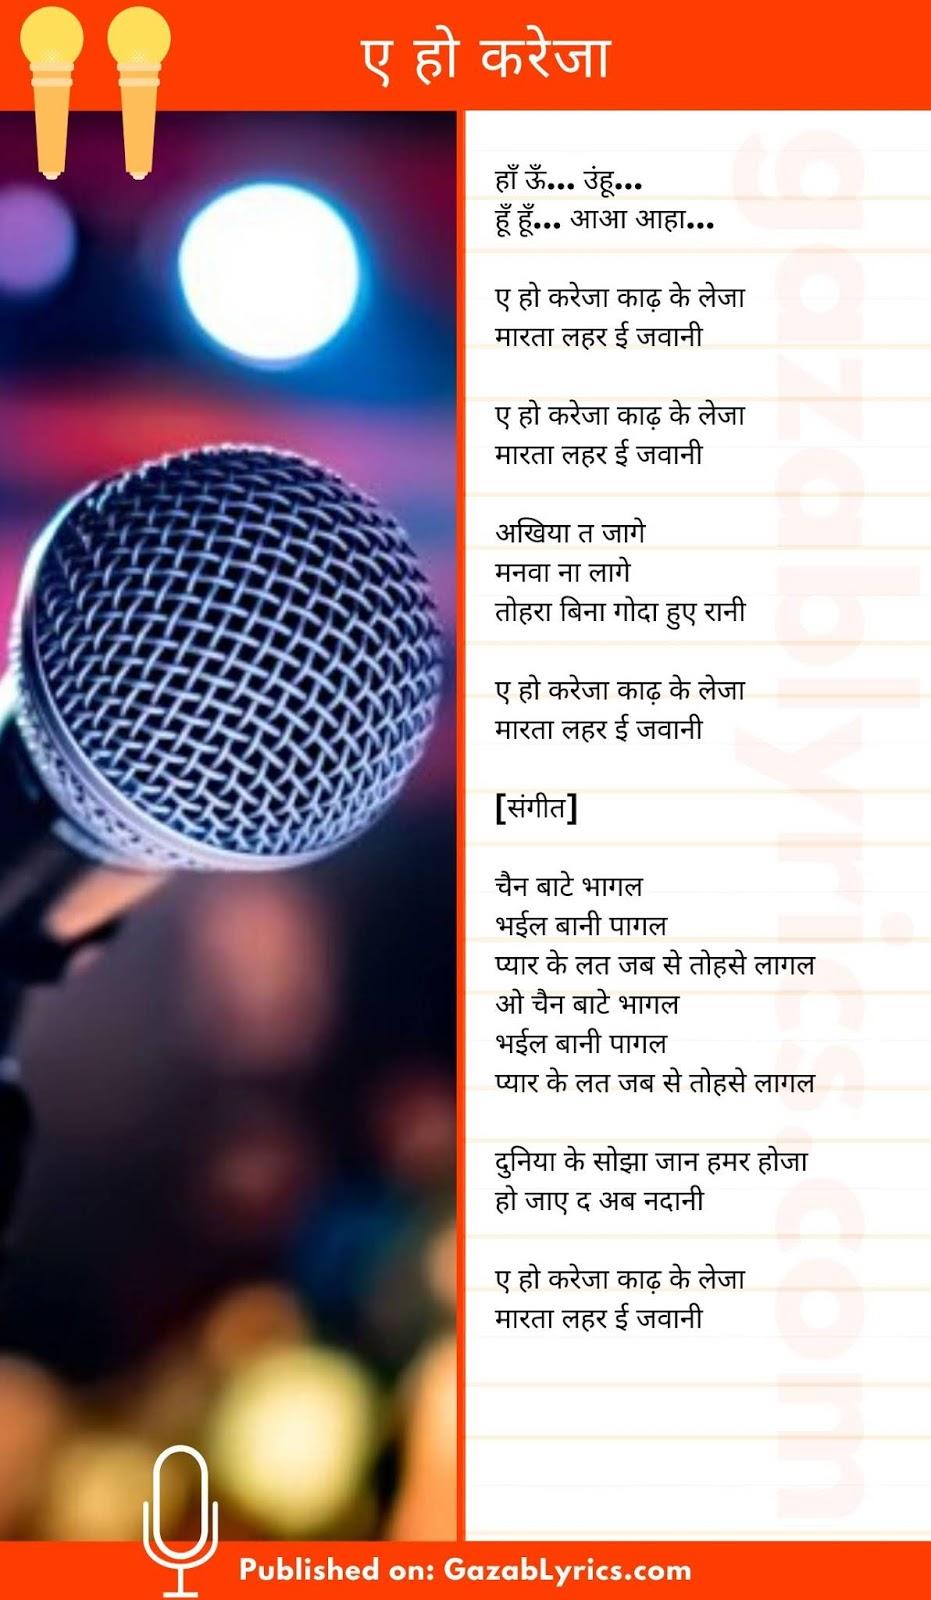 Ae Ho Kareja song lyrics image